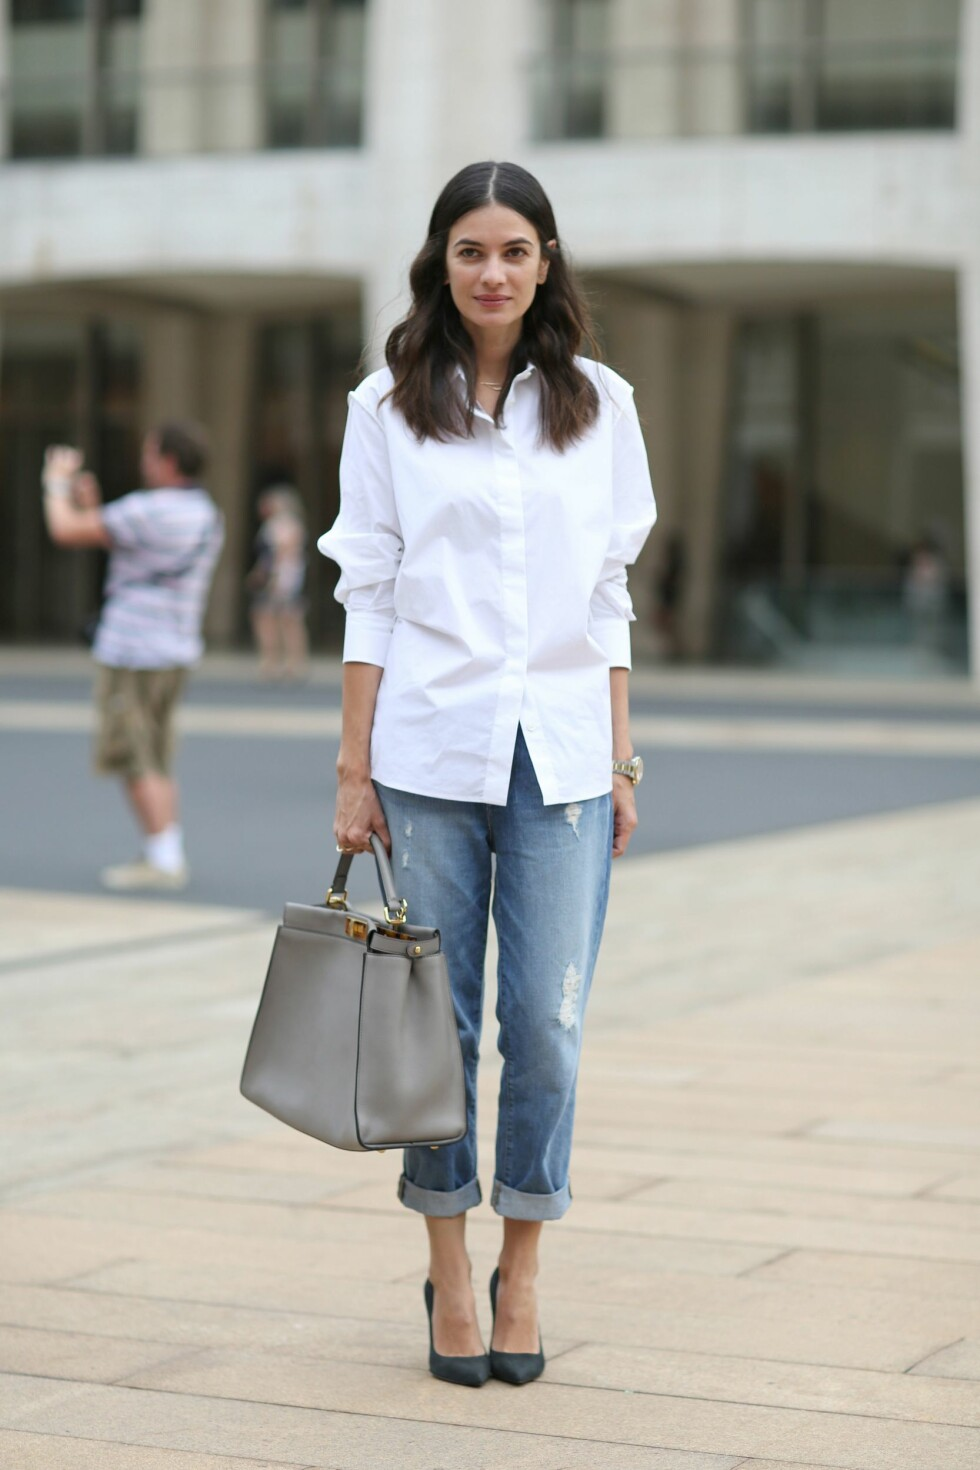 ENKELT: Leila Yavari bruker sine jeans med en løs, hvit skjorte. Foto: Silvia Olsen/REX/All Over Press